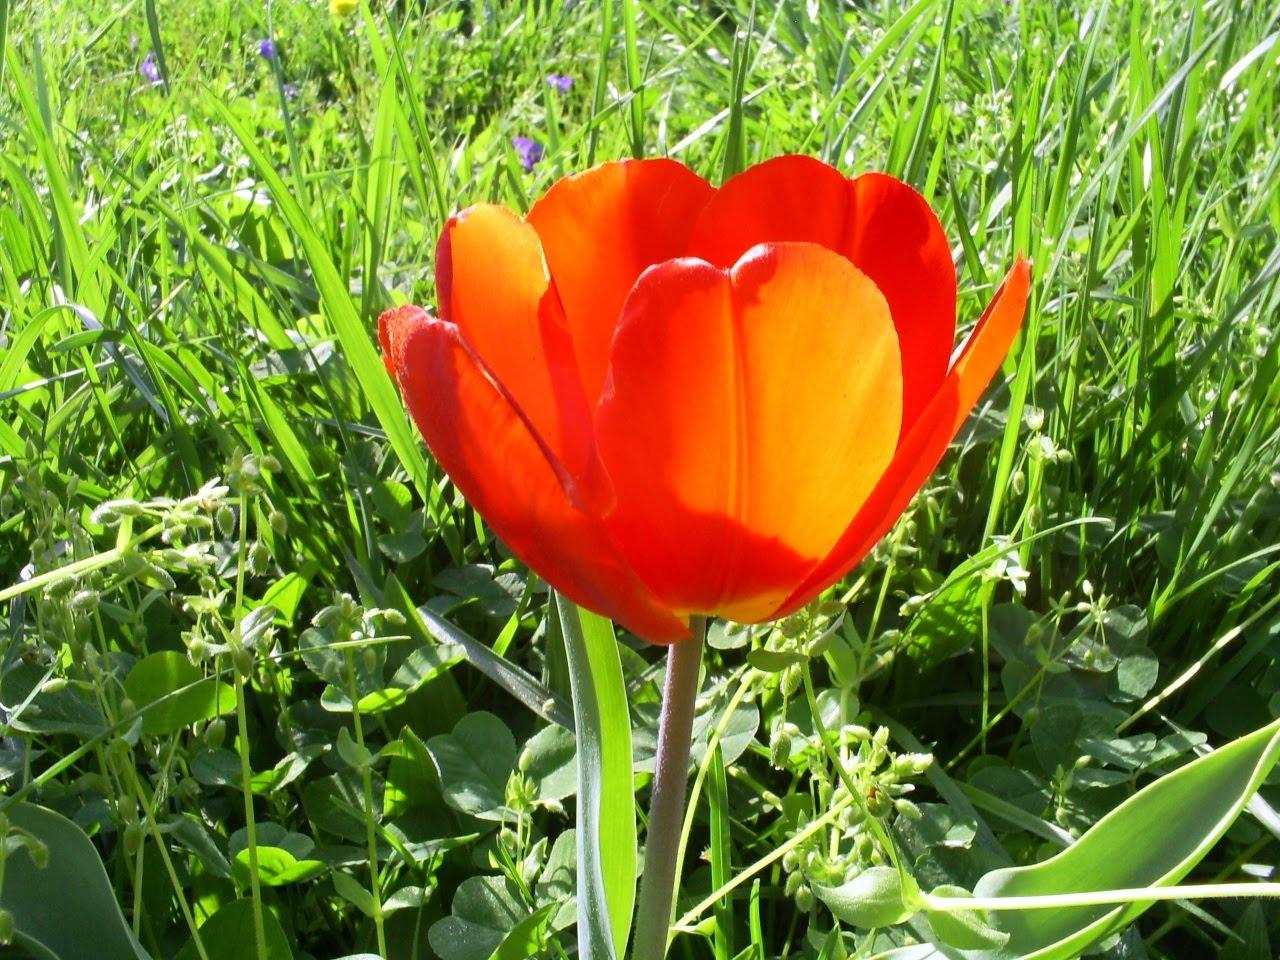 Muscari Musings: One red tulip...